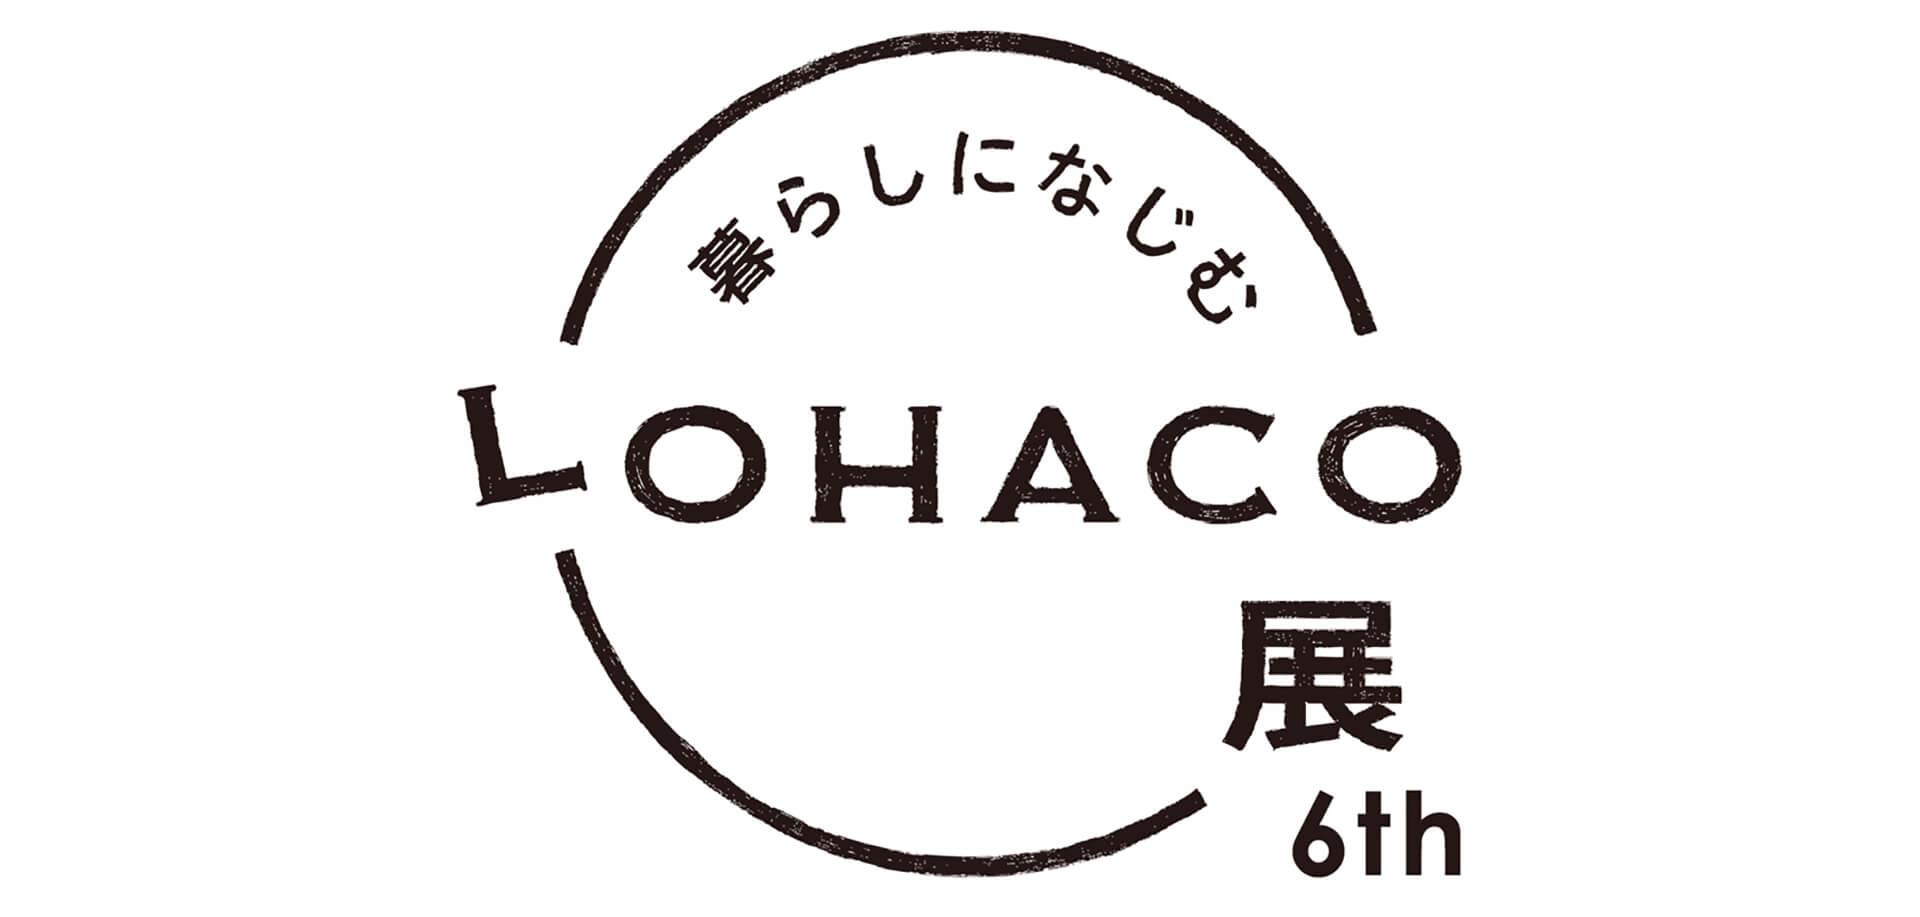 暮らしになじむ LOHACO展.com